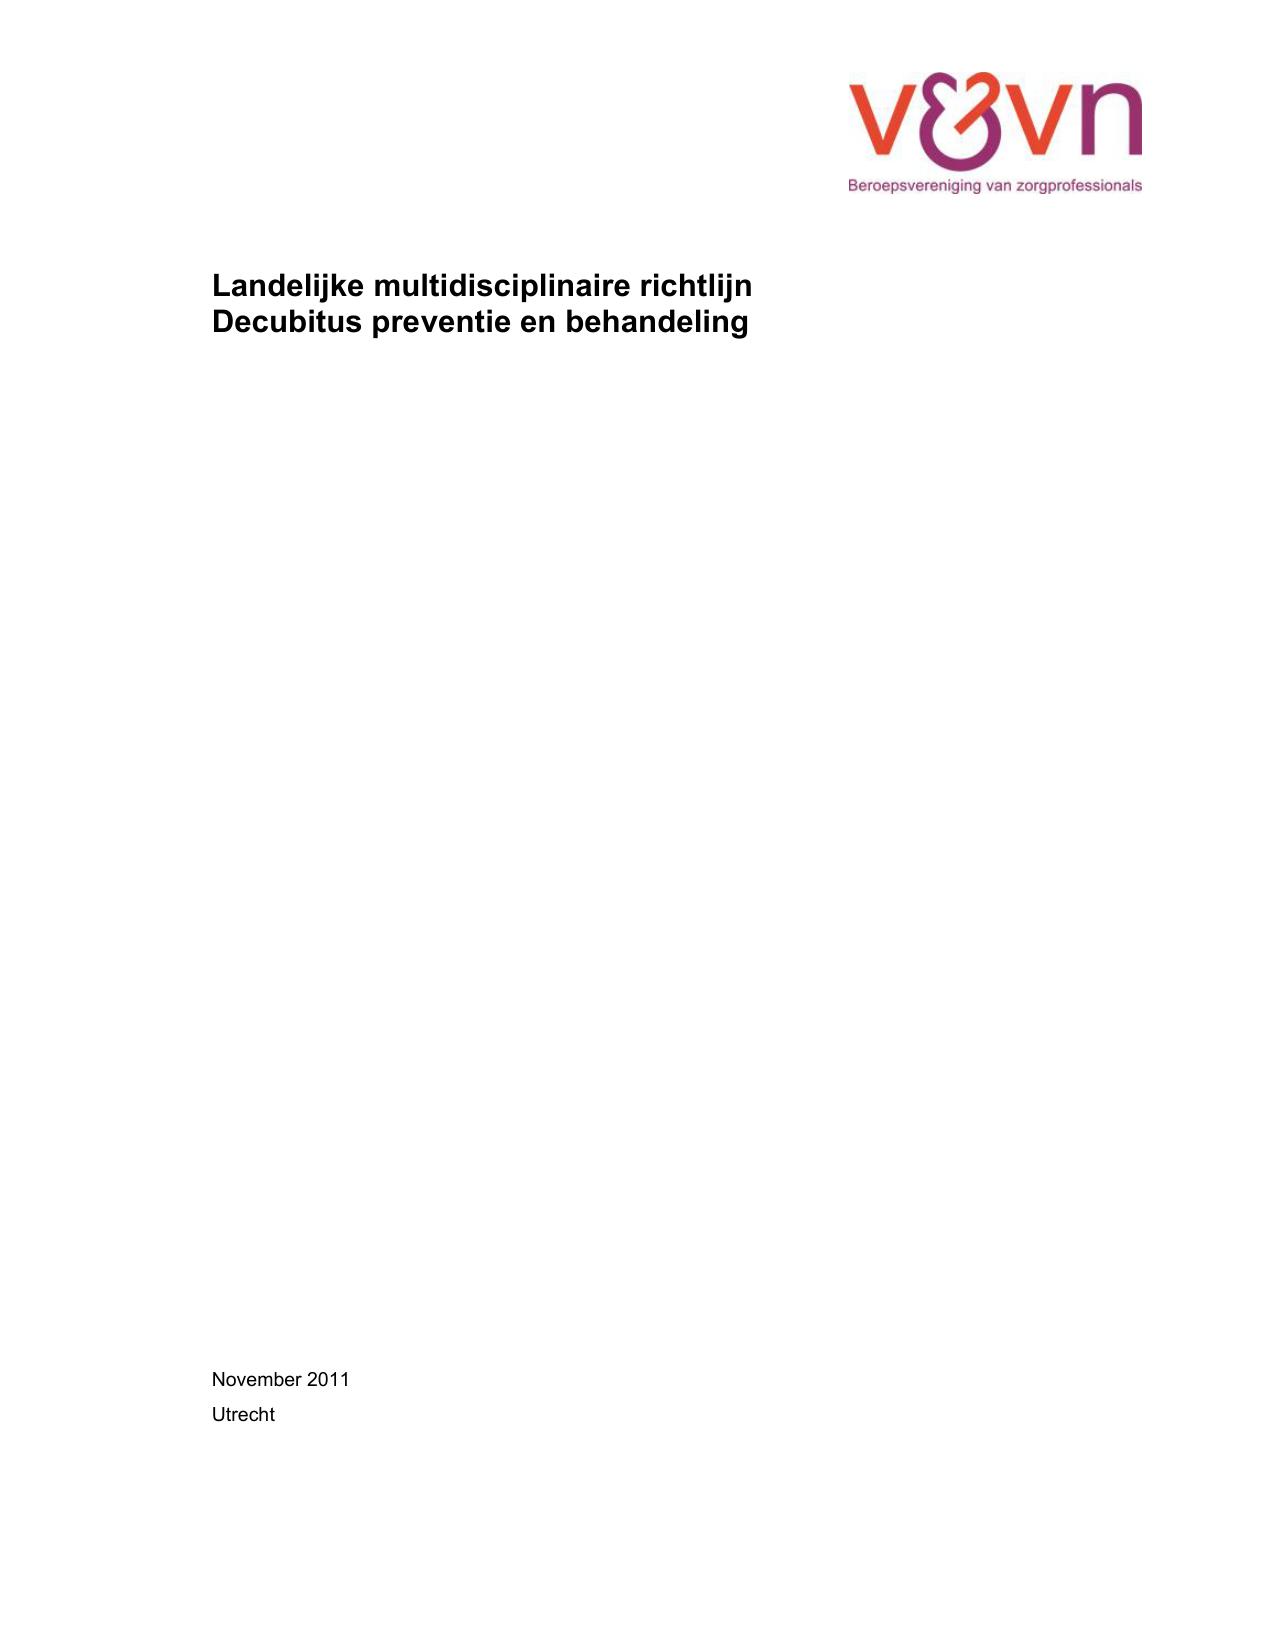 Landelijke multidisciplinaire richtlijn Decubitus